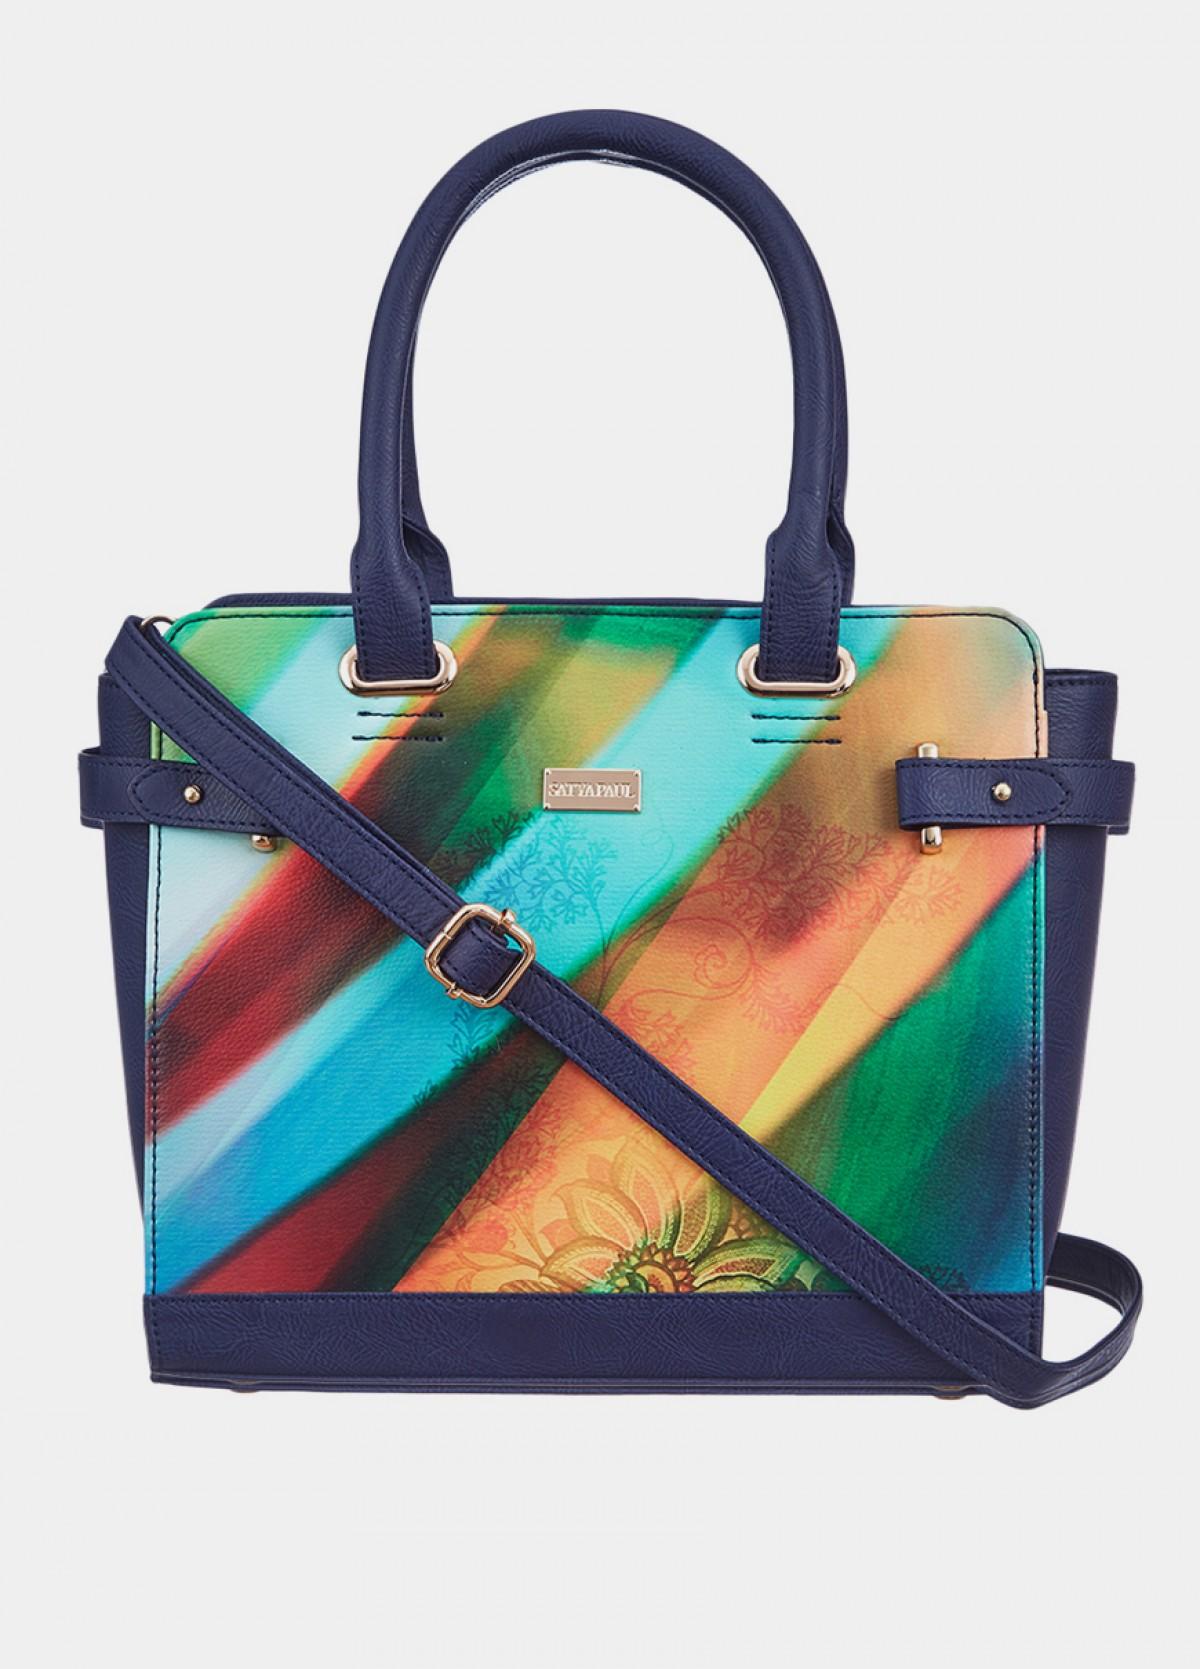 The Printed Shoulder Bag